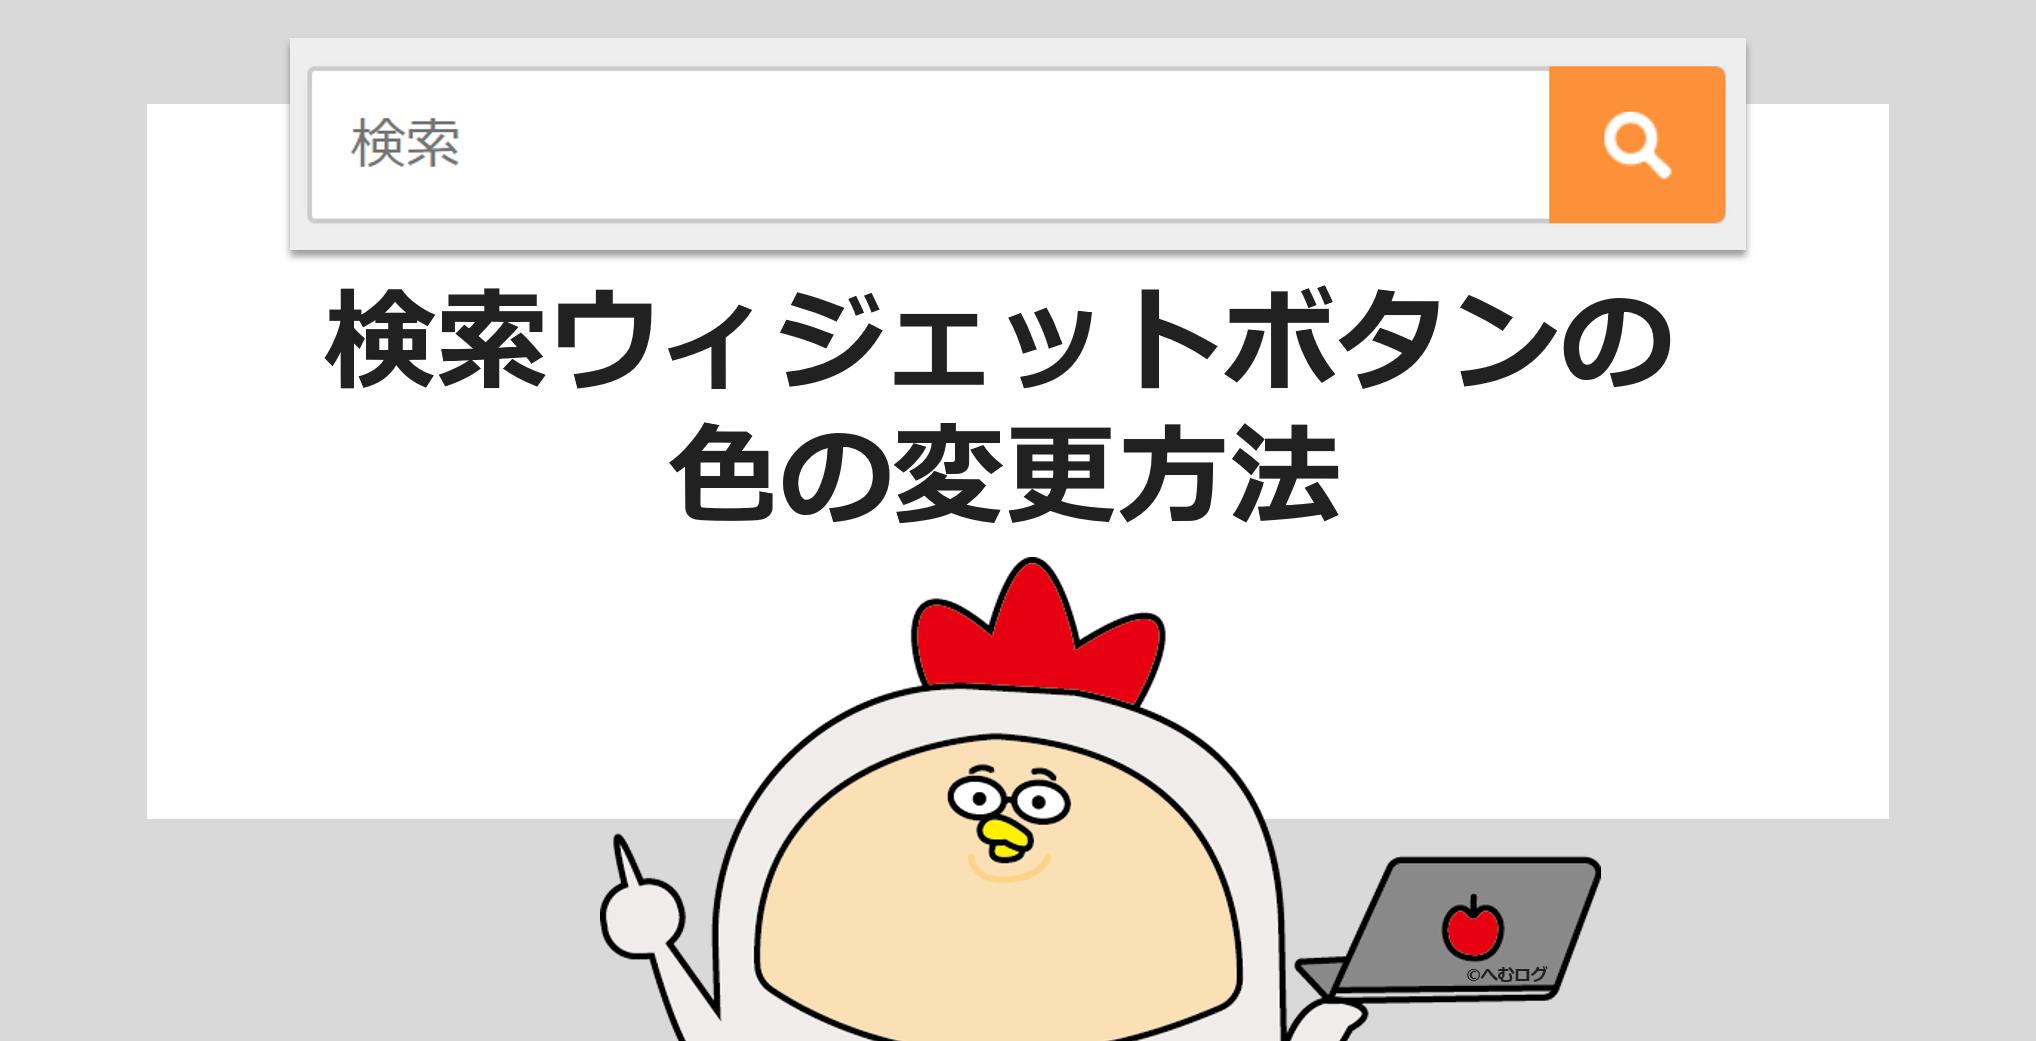 【DIVER】検索ウィジェットの色を変更する方法